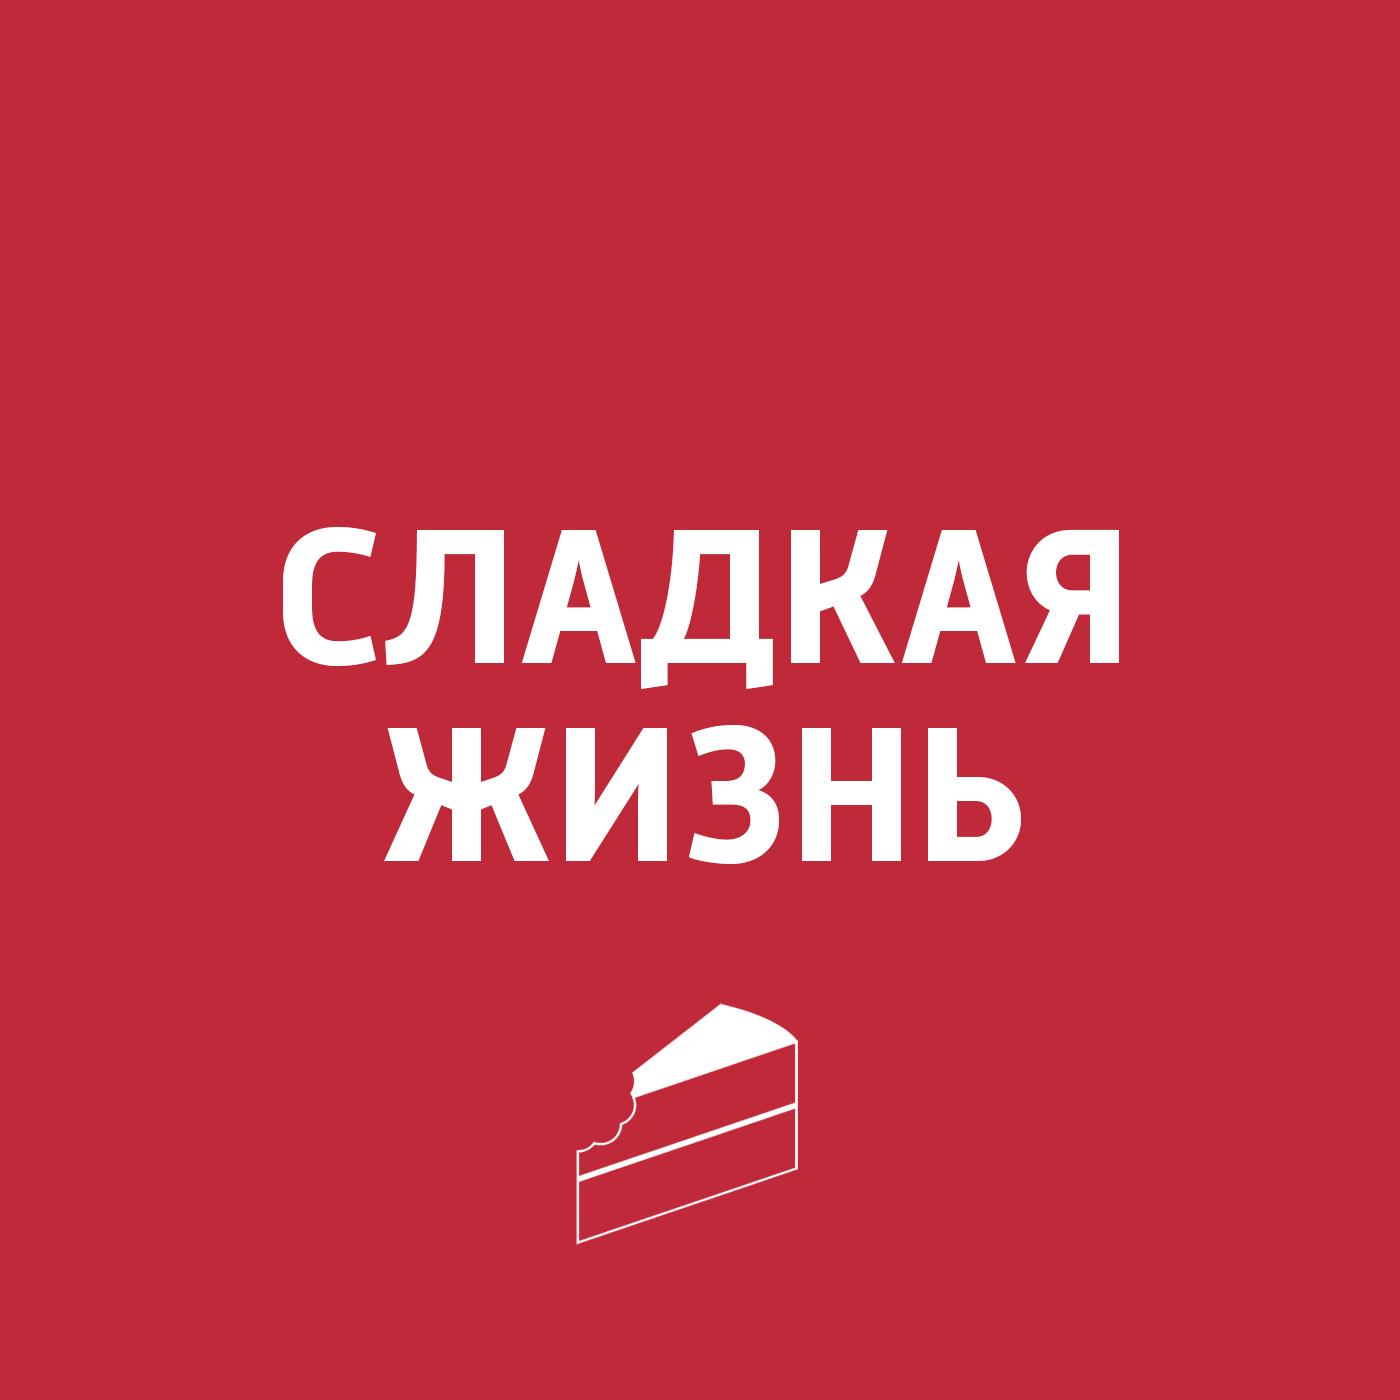 цена на Картаев Павел Лимонад